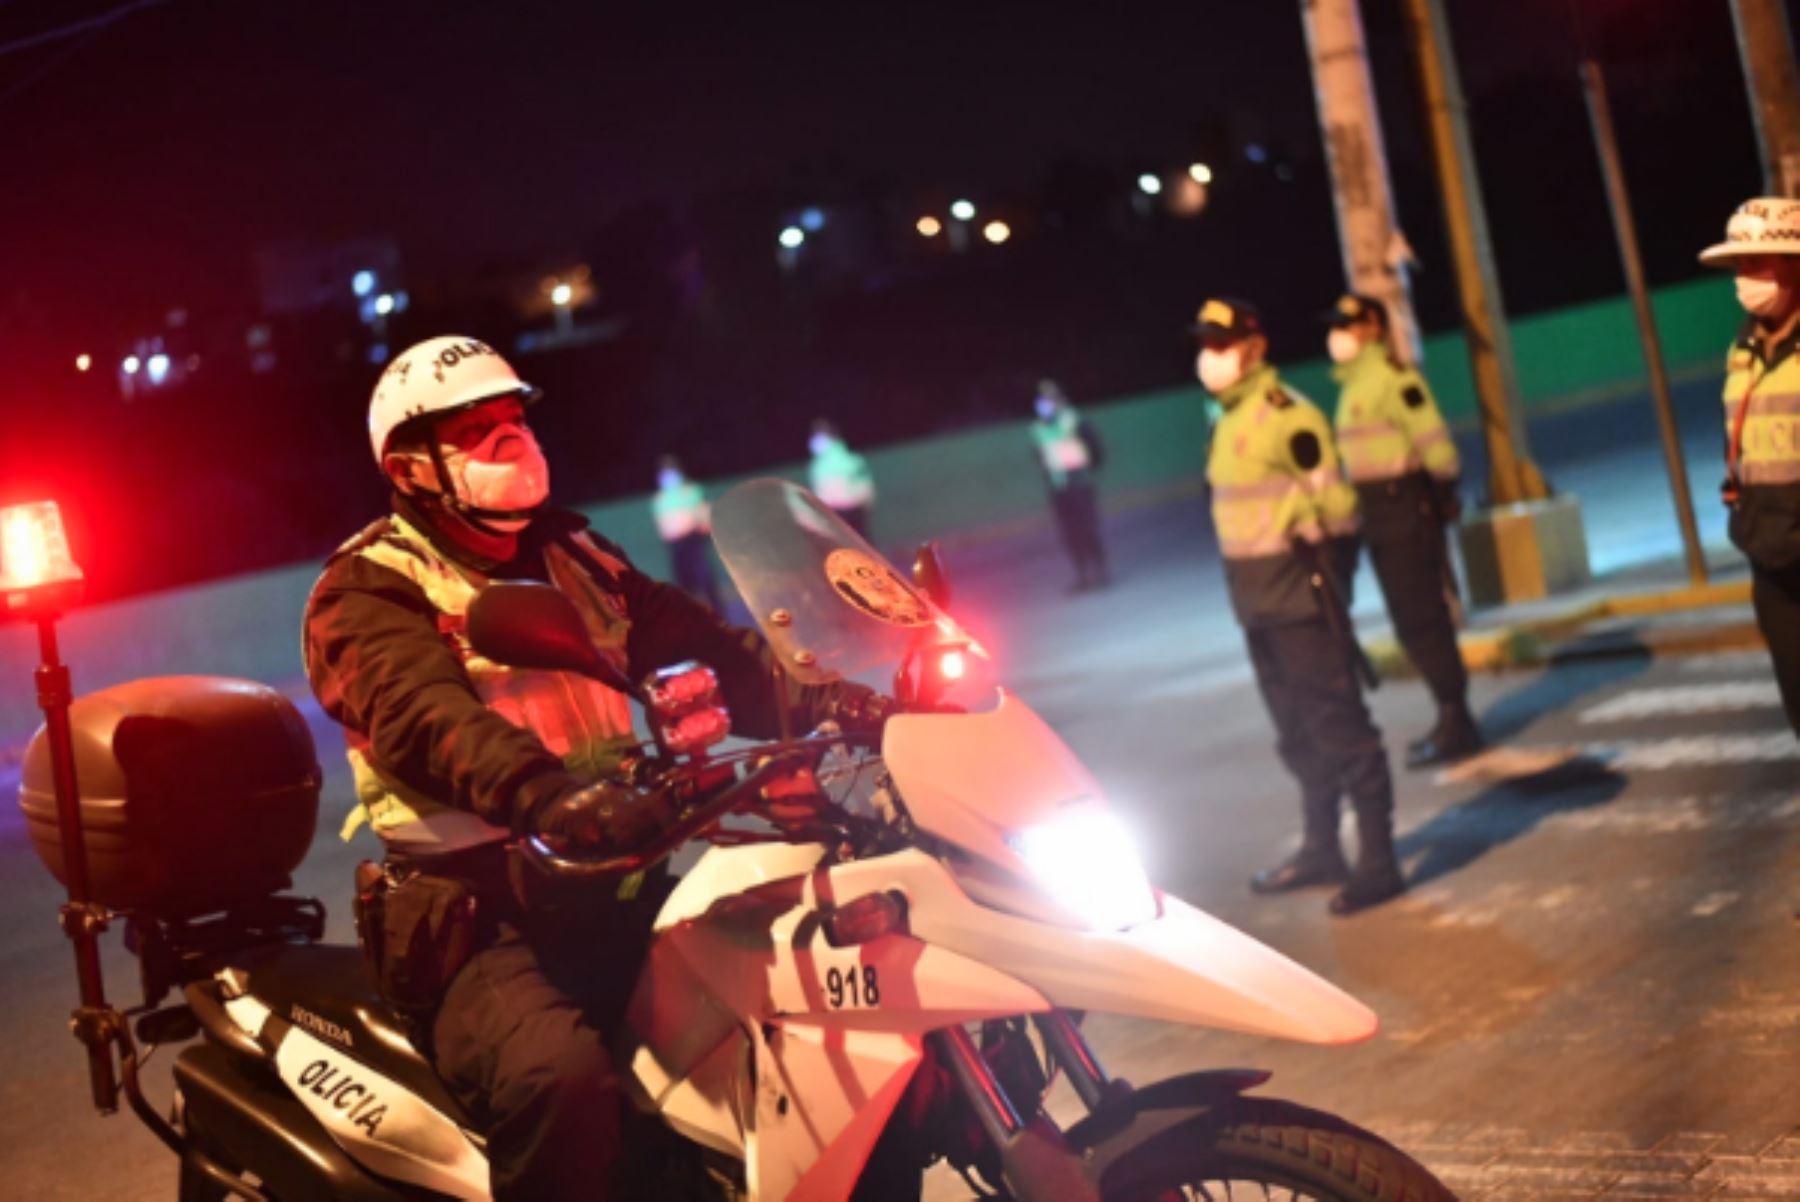 El Gobierno dispuso que la inmovilización social obligatoria o toque de queda en las regiones de Arequipa, Áncash, Ica, Junín, Lambayeque, Lima provincias, Piura y Tacna regirá desde las 19:00 hasta las 04:00 horas.